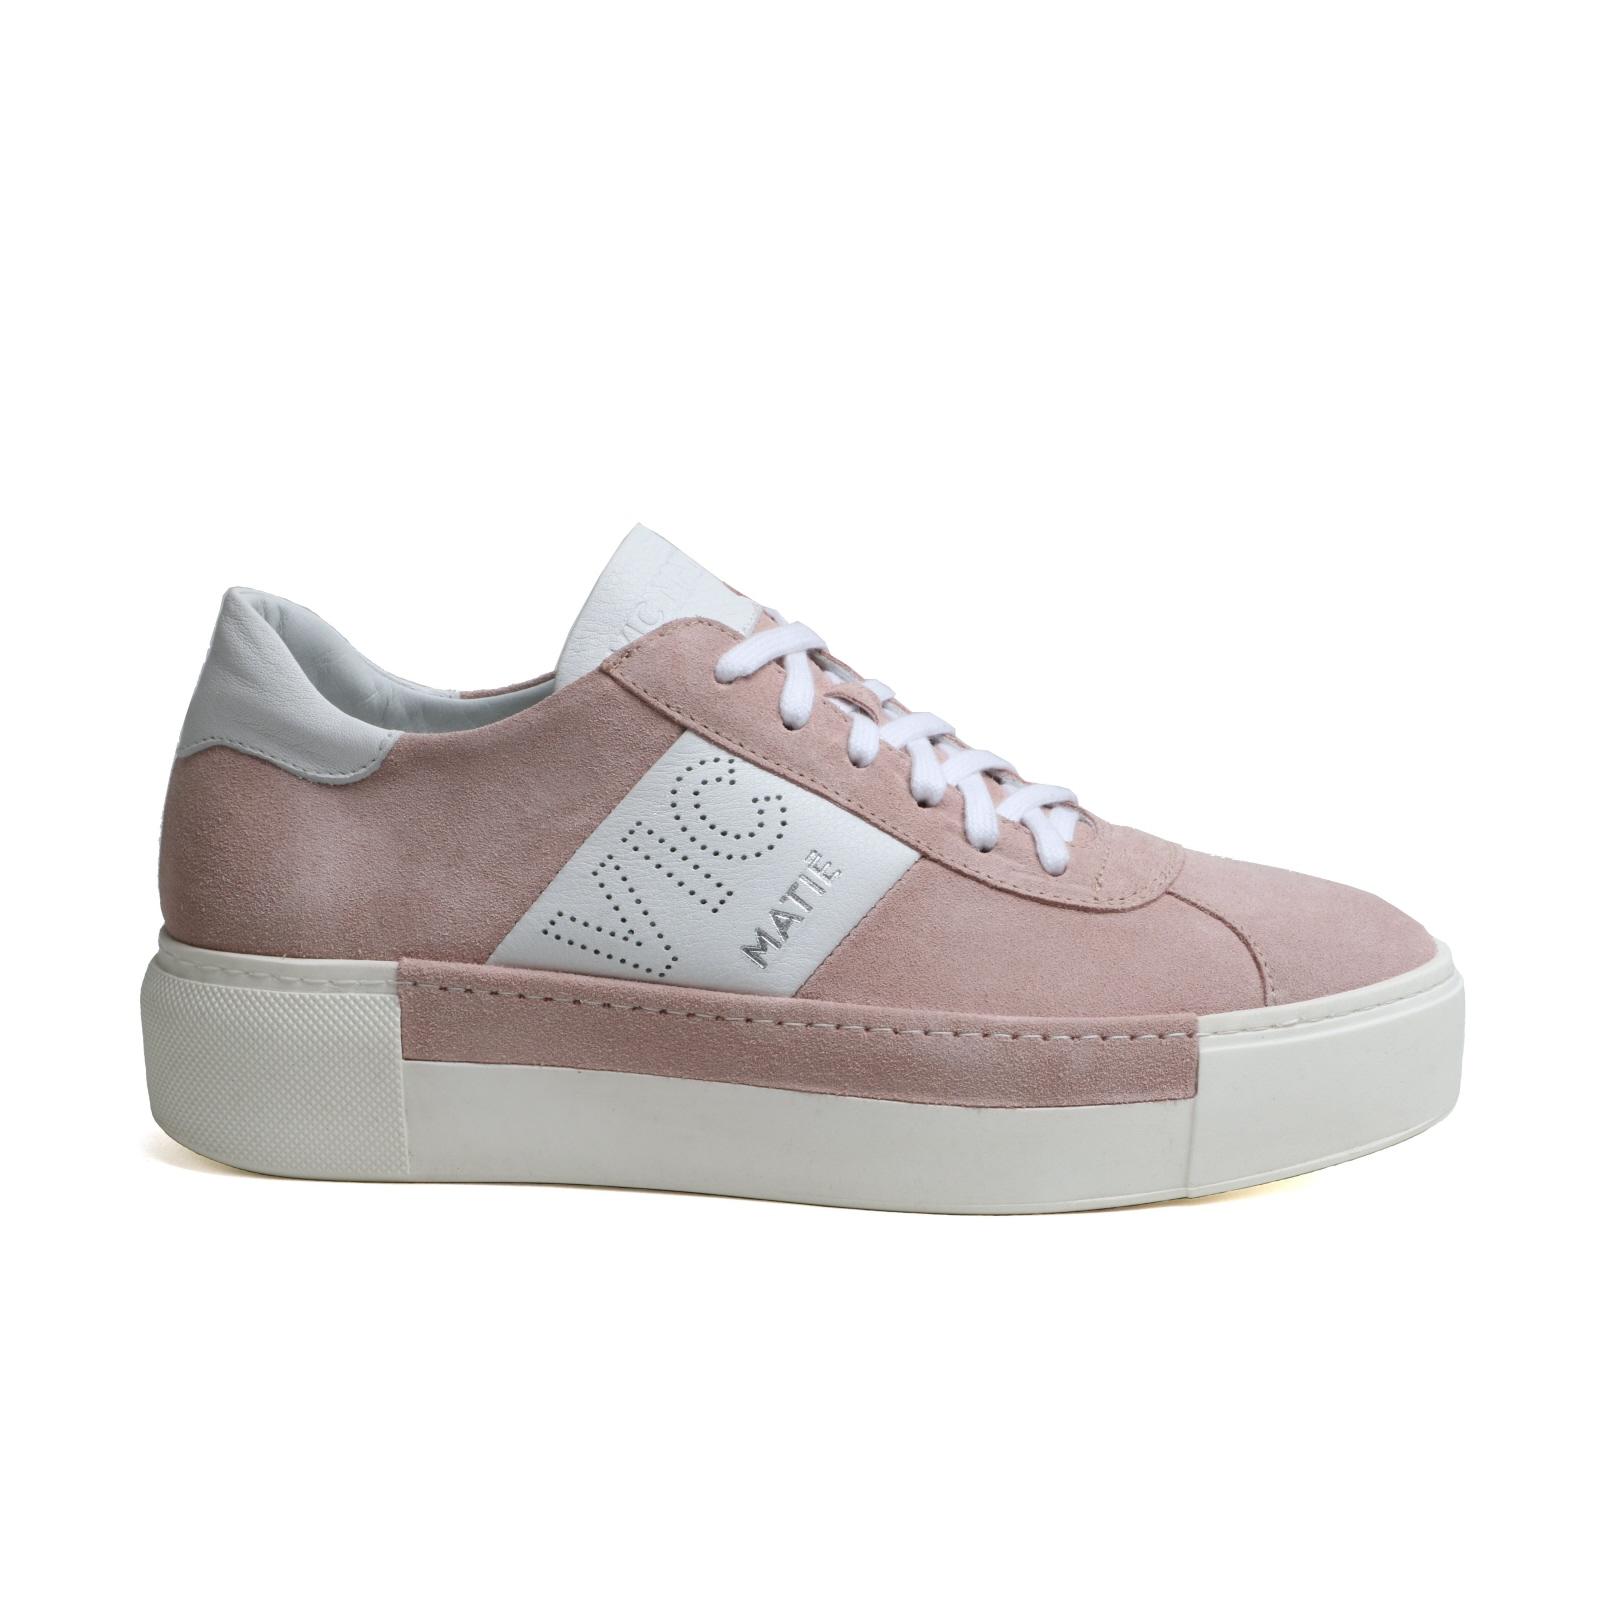 Sneaker Femmes Vic Matie Sportif Rosa Velourleder Neuf T. 39